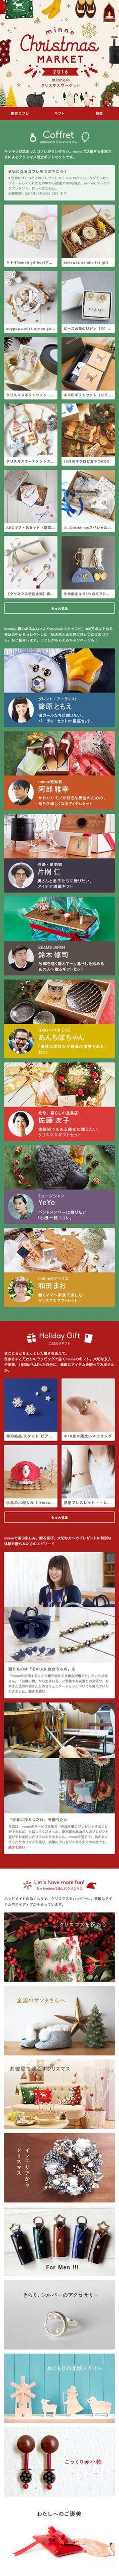 minneのクリスマスマーケット【インテリア関連】のLPデザイン。WEBデザイナーさん必見!スマホランディングページのデザイン参考に(かわいい系)